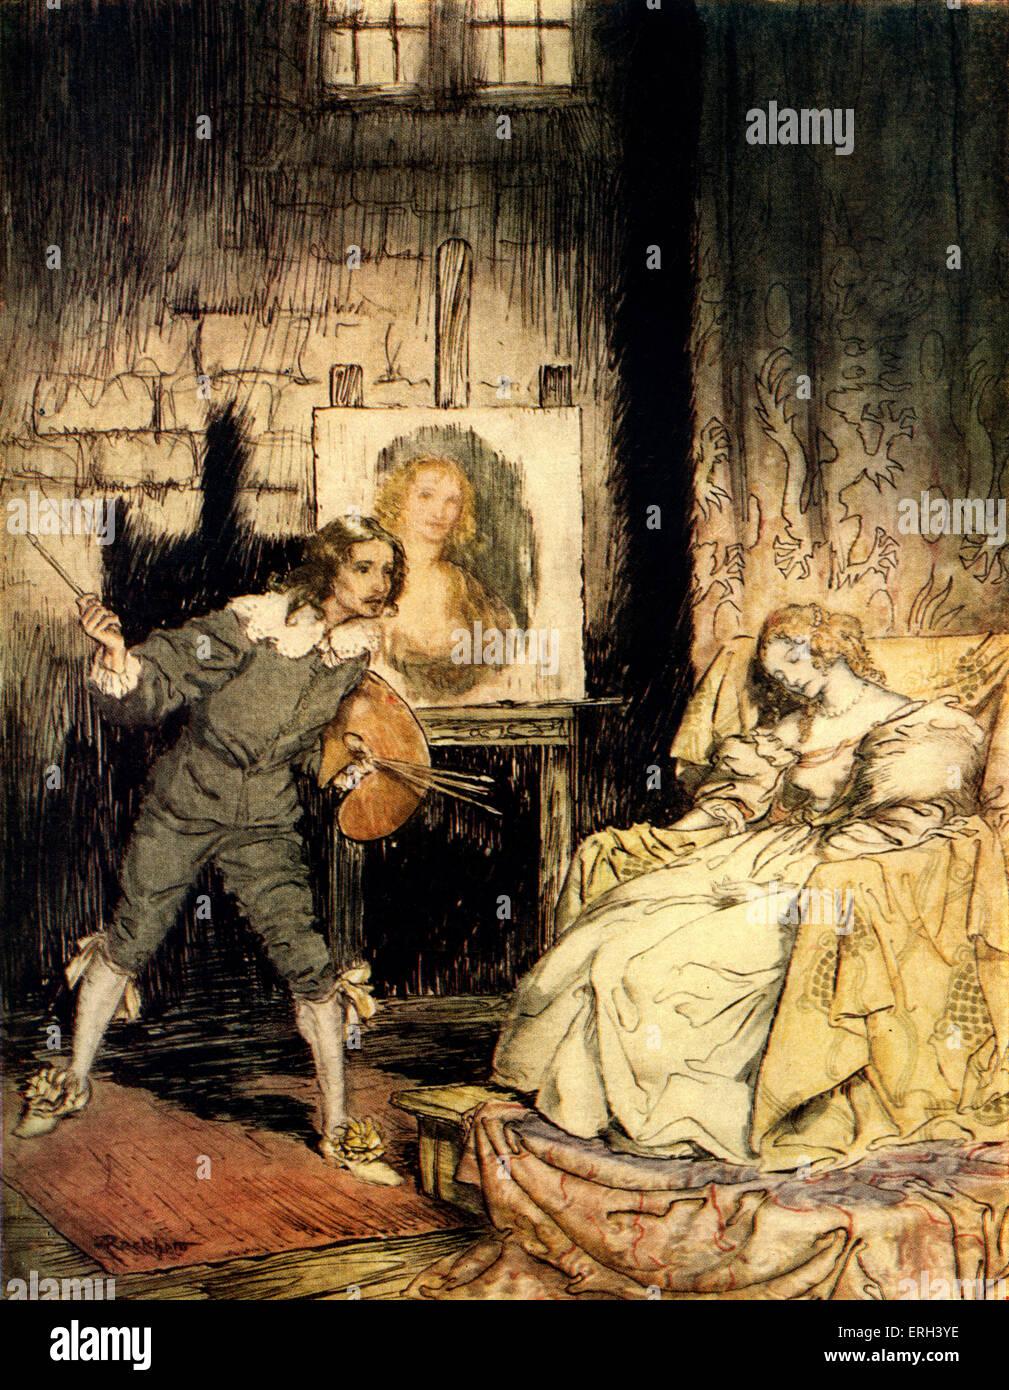 """""""Das ovale Portrait"""" von Edgar. Ein Künstler tötet versehentlich seine Frau durch die Erfassung Stockbild"""